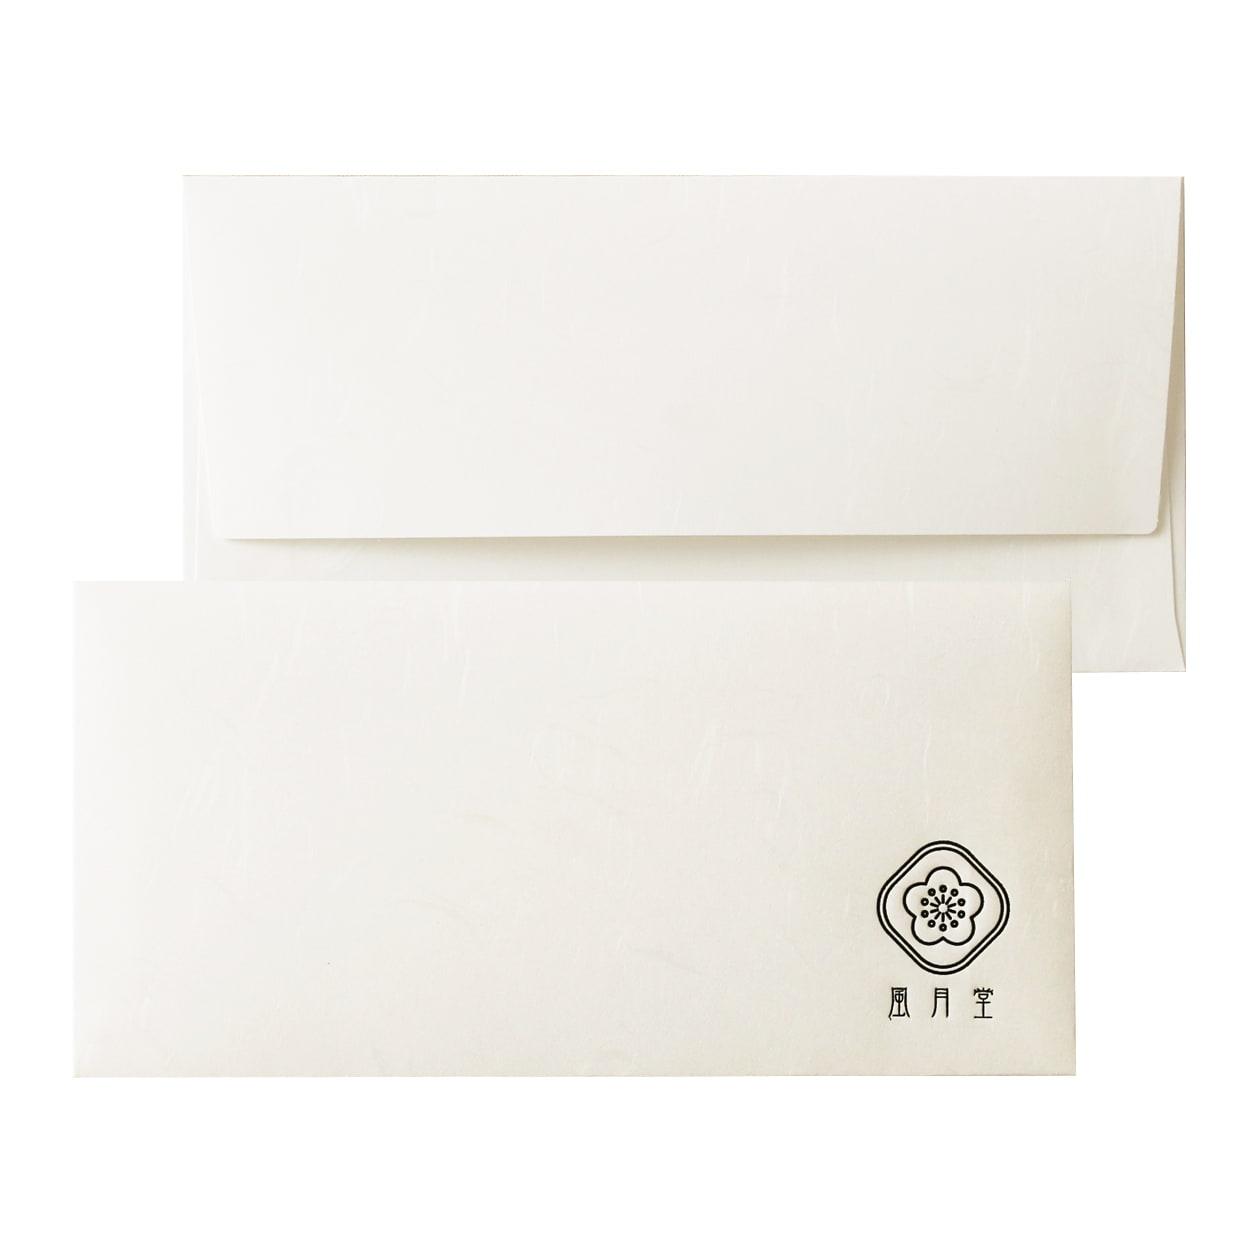 サンプル 封筒・袋 00020